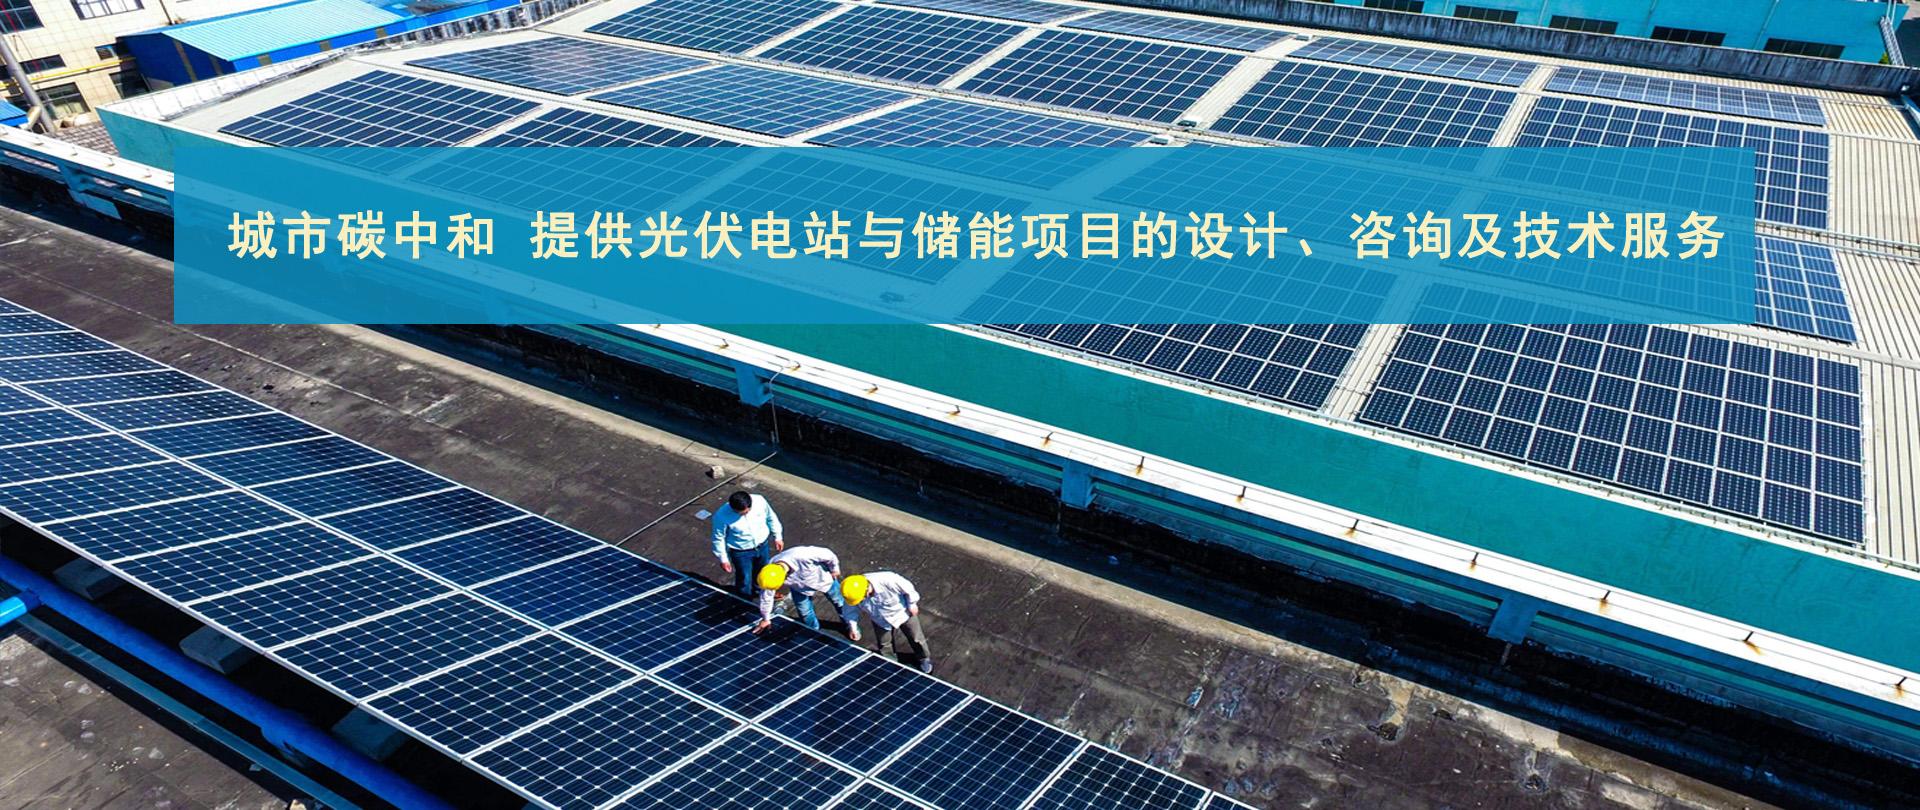 淘光伏 光伏、储能、微网、综合能源服务项目技术服务